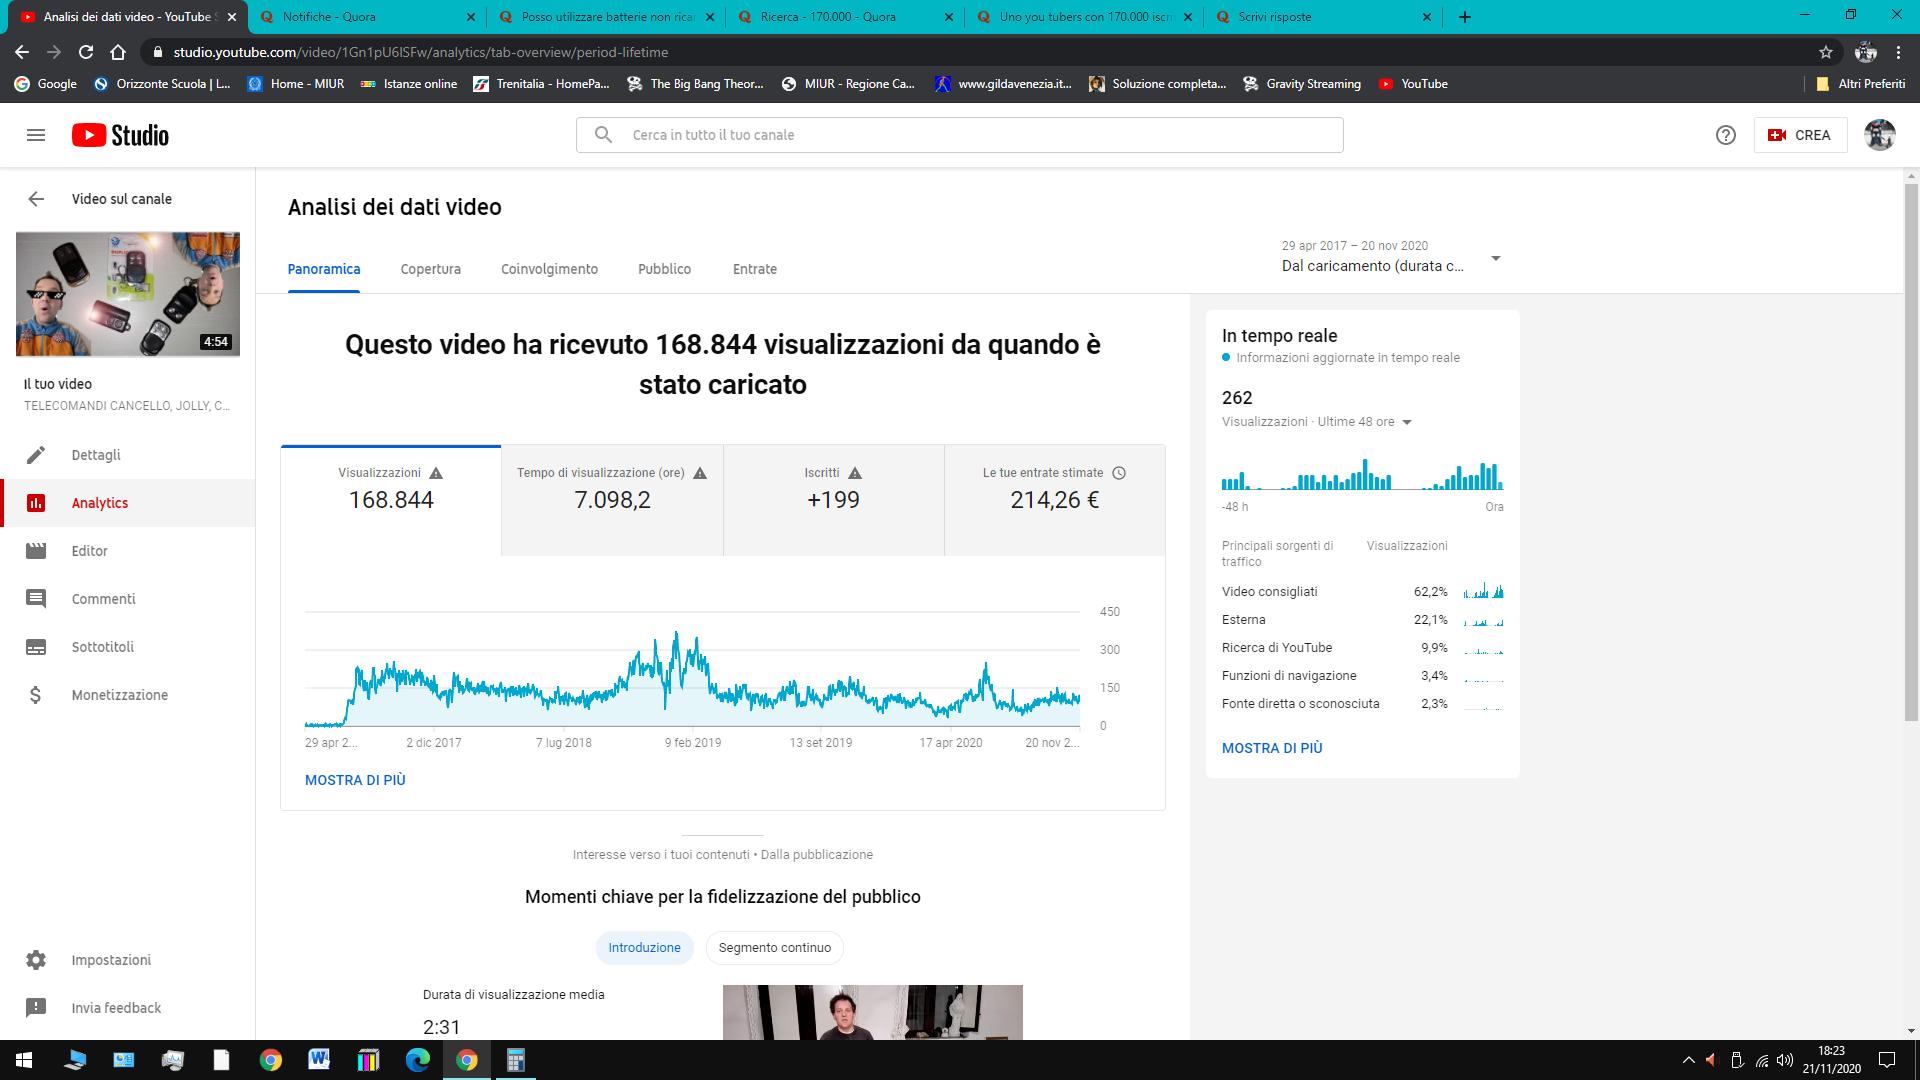 un milione di visualizzazioni youtube soldi